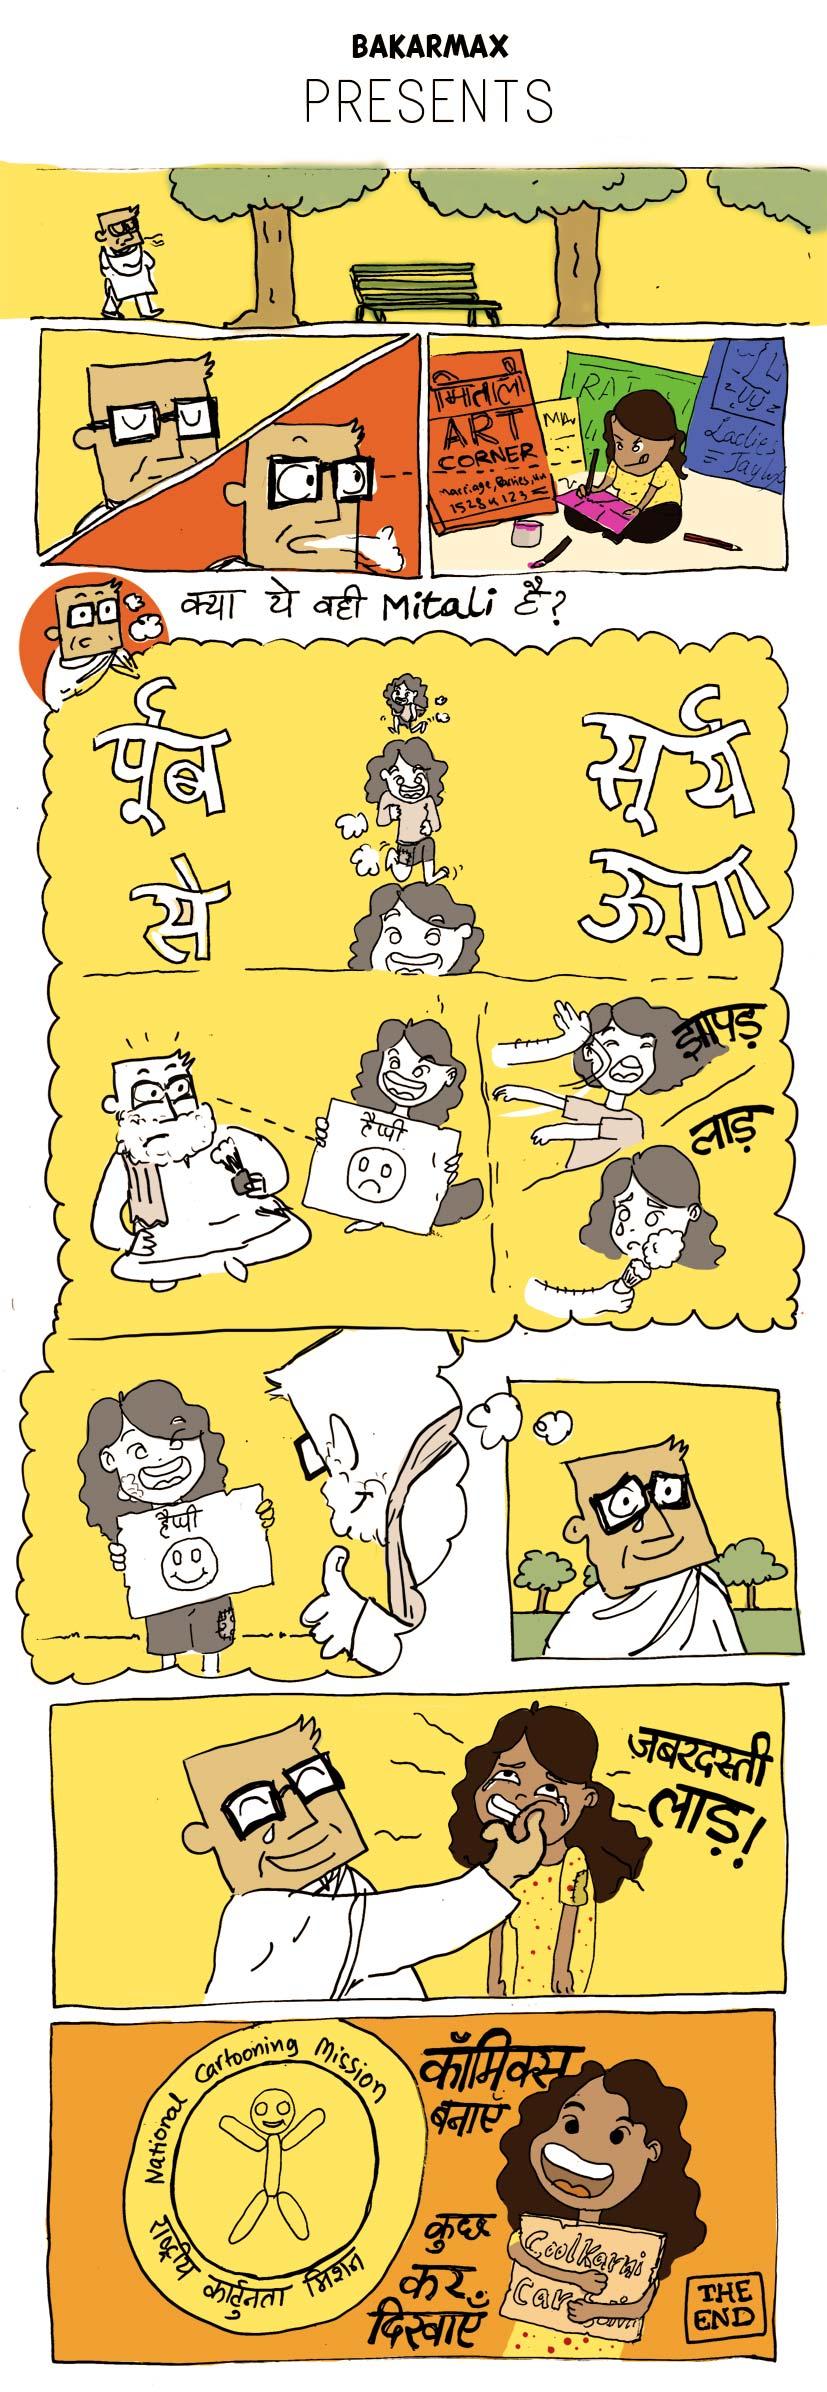 Rashtriya Cartoonta Abhiyan